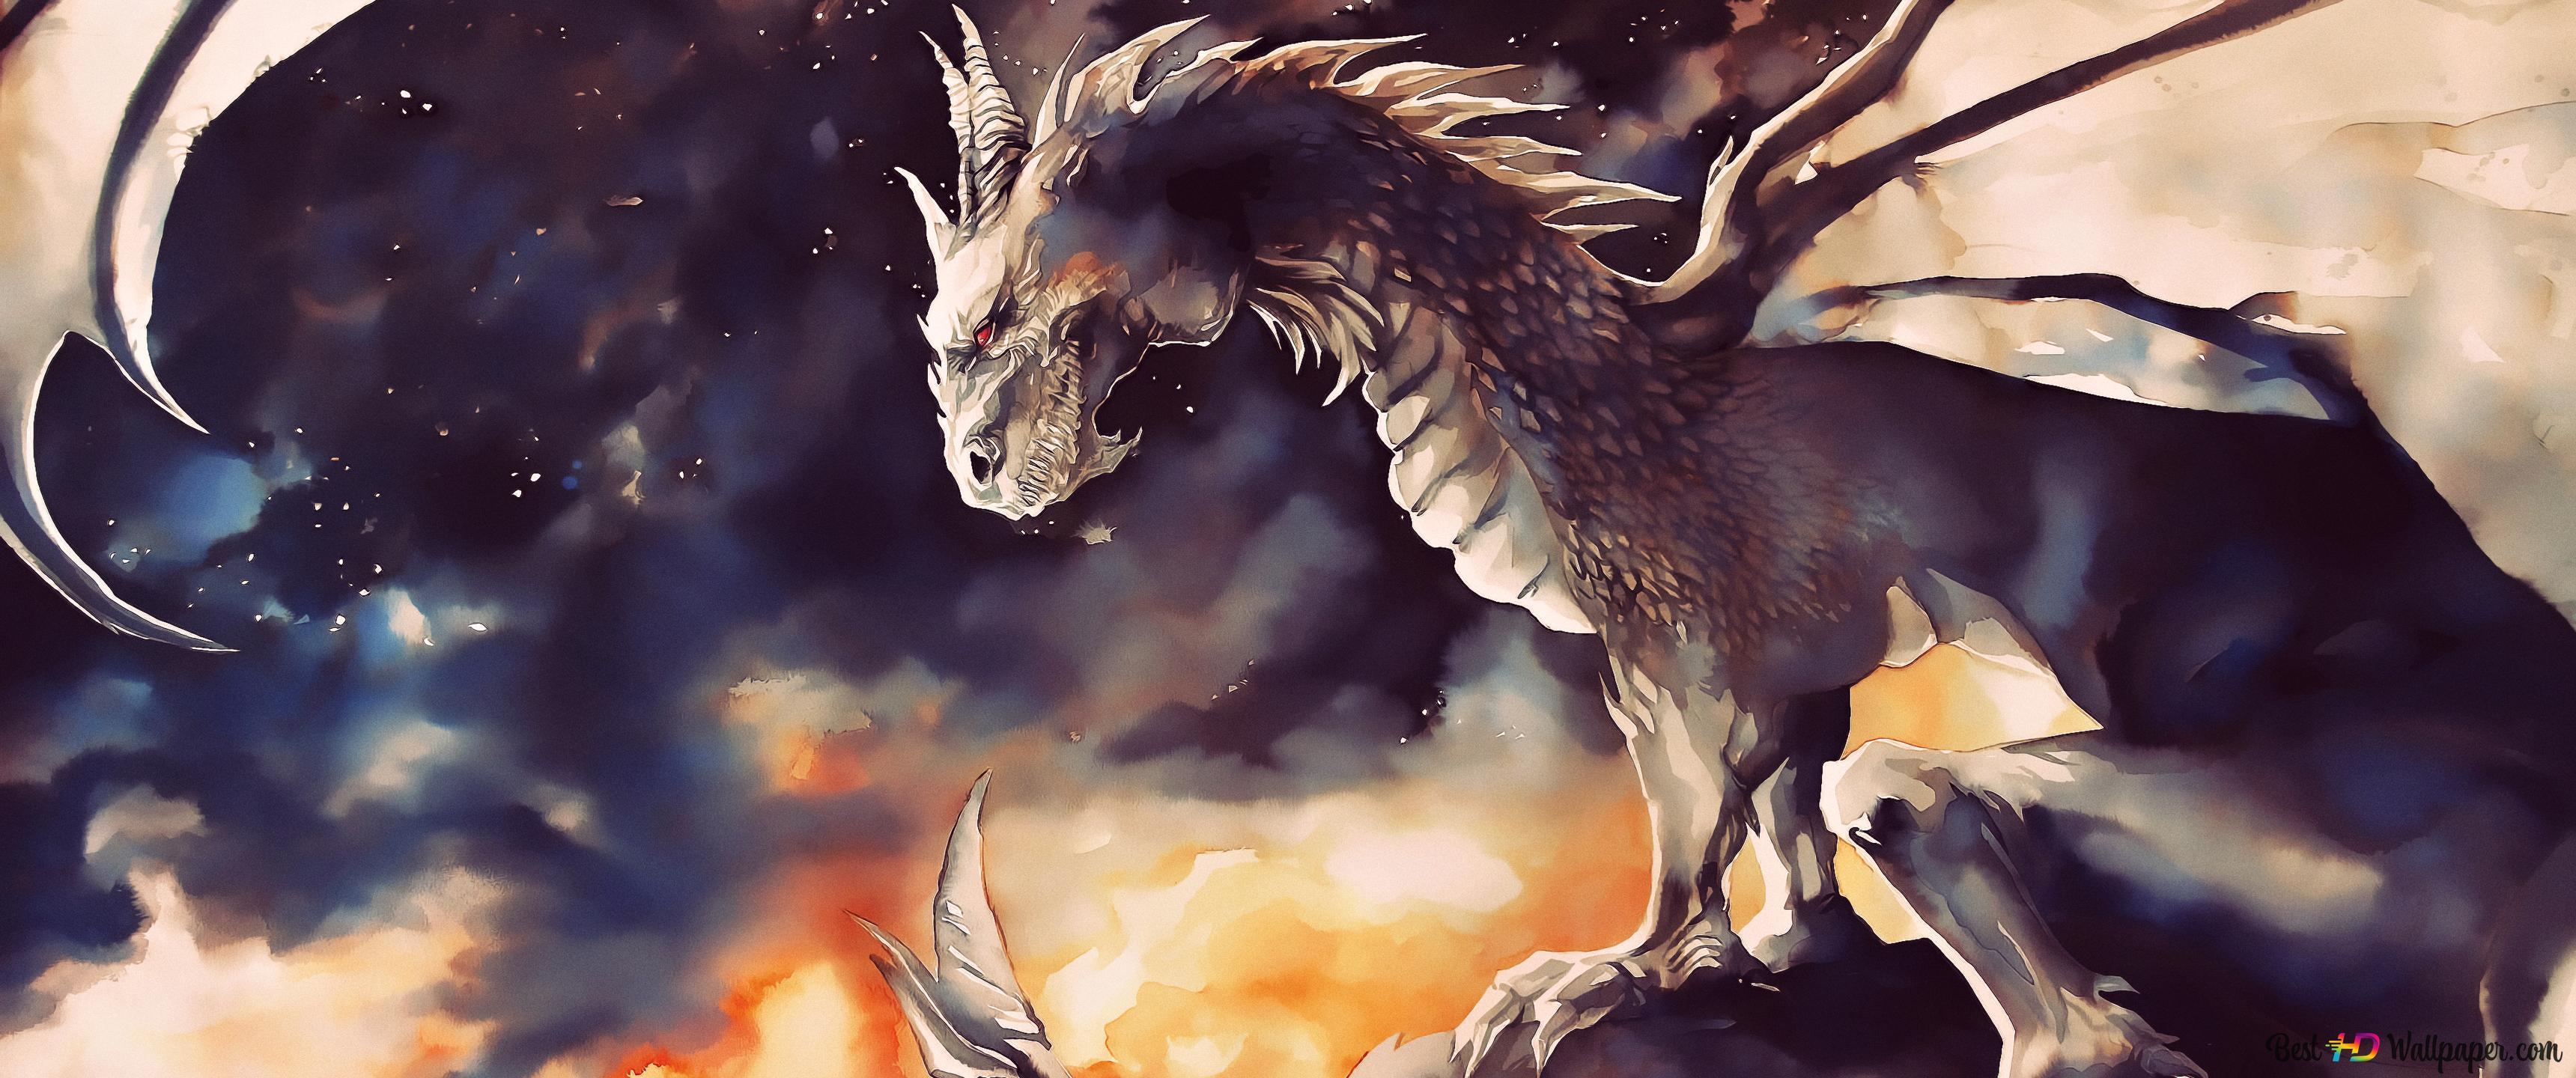 ドラゴン 壁紙 高 画質